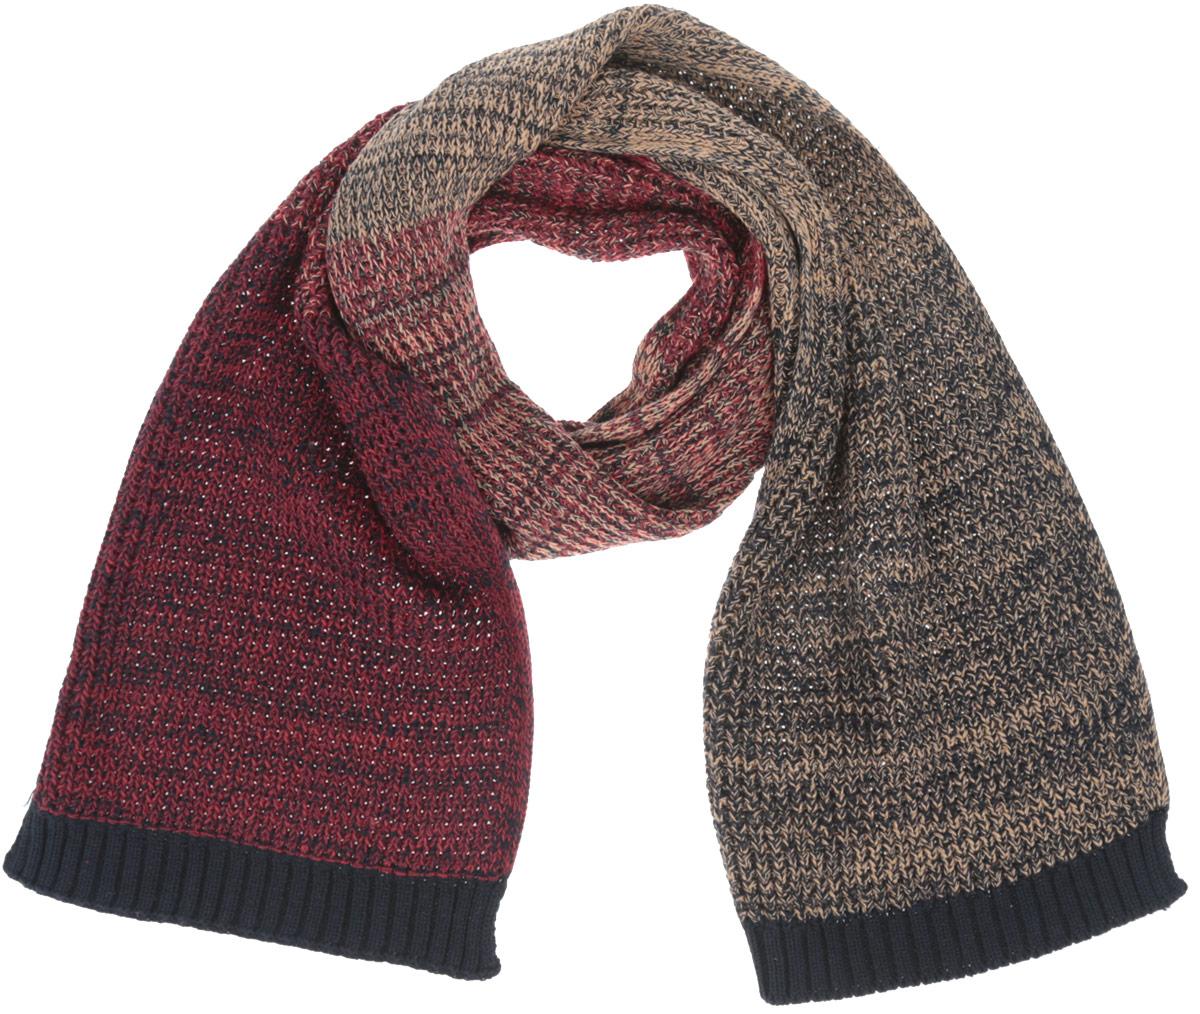 Шарф мужской. SC-242/017-6303SC-242/017-6303Элегантный вязаный мужской шарф Sela согреет вас в холодное время года, а также станет изысканным аксессуаром, который призван подчеркнуть ваш стиль и индивидуальность. Оригинальный теплый шарф выполнен из 100% хлопка. Шарф оформлен разноцветной вязкой. Такой шарф станет превосходным дополнением к любому наряду, защитит вас от ветра и холода и позволит вам создать свой неповторимый стиль.